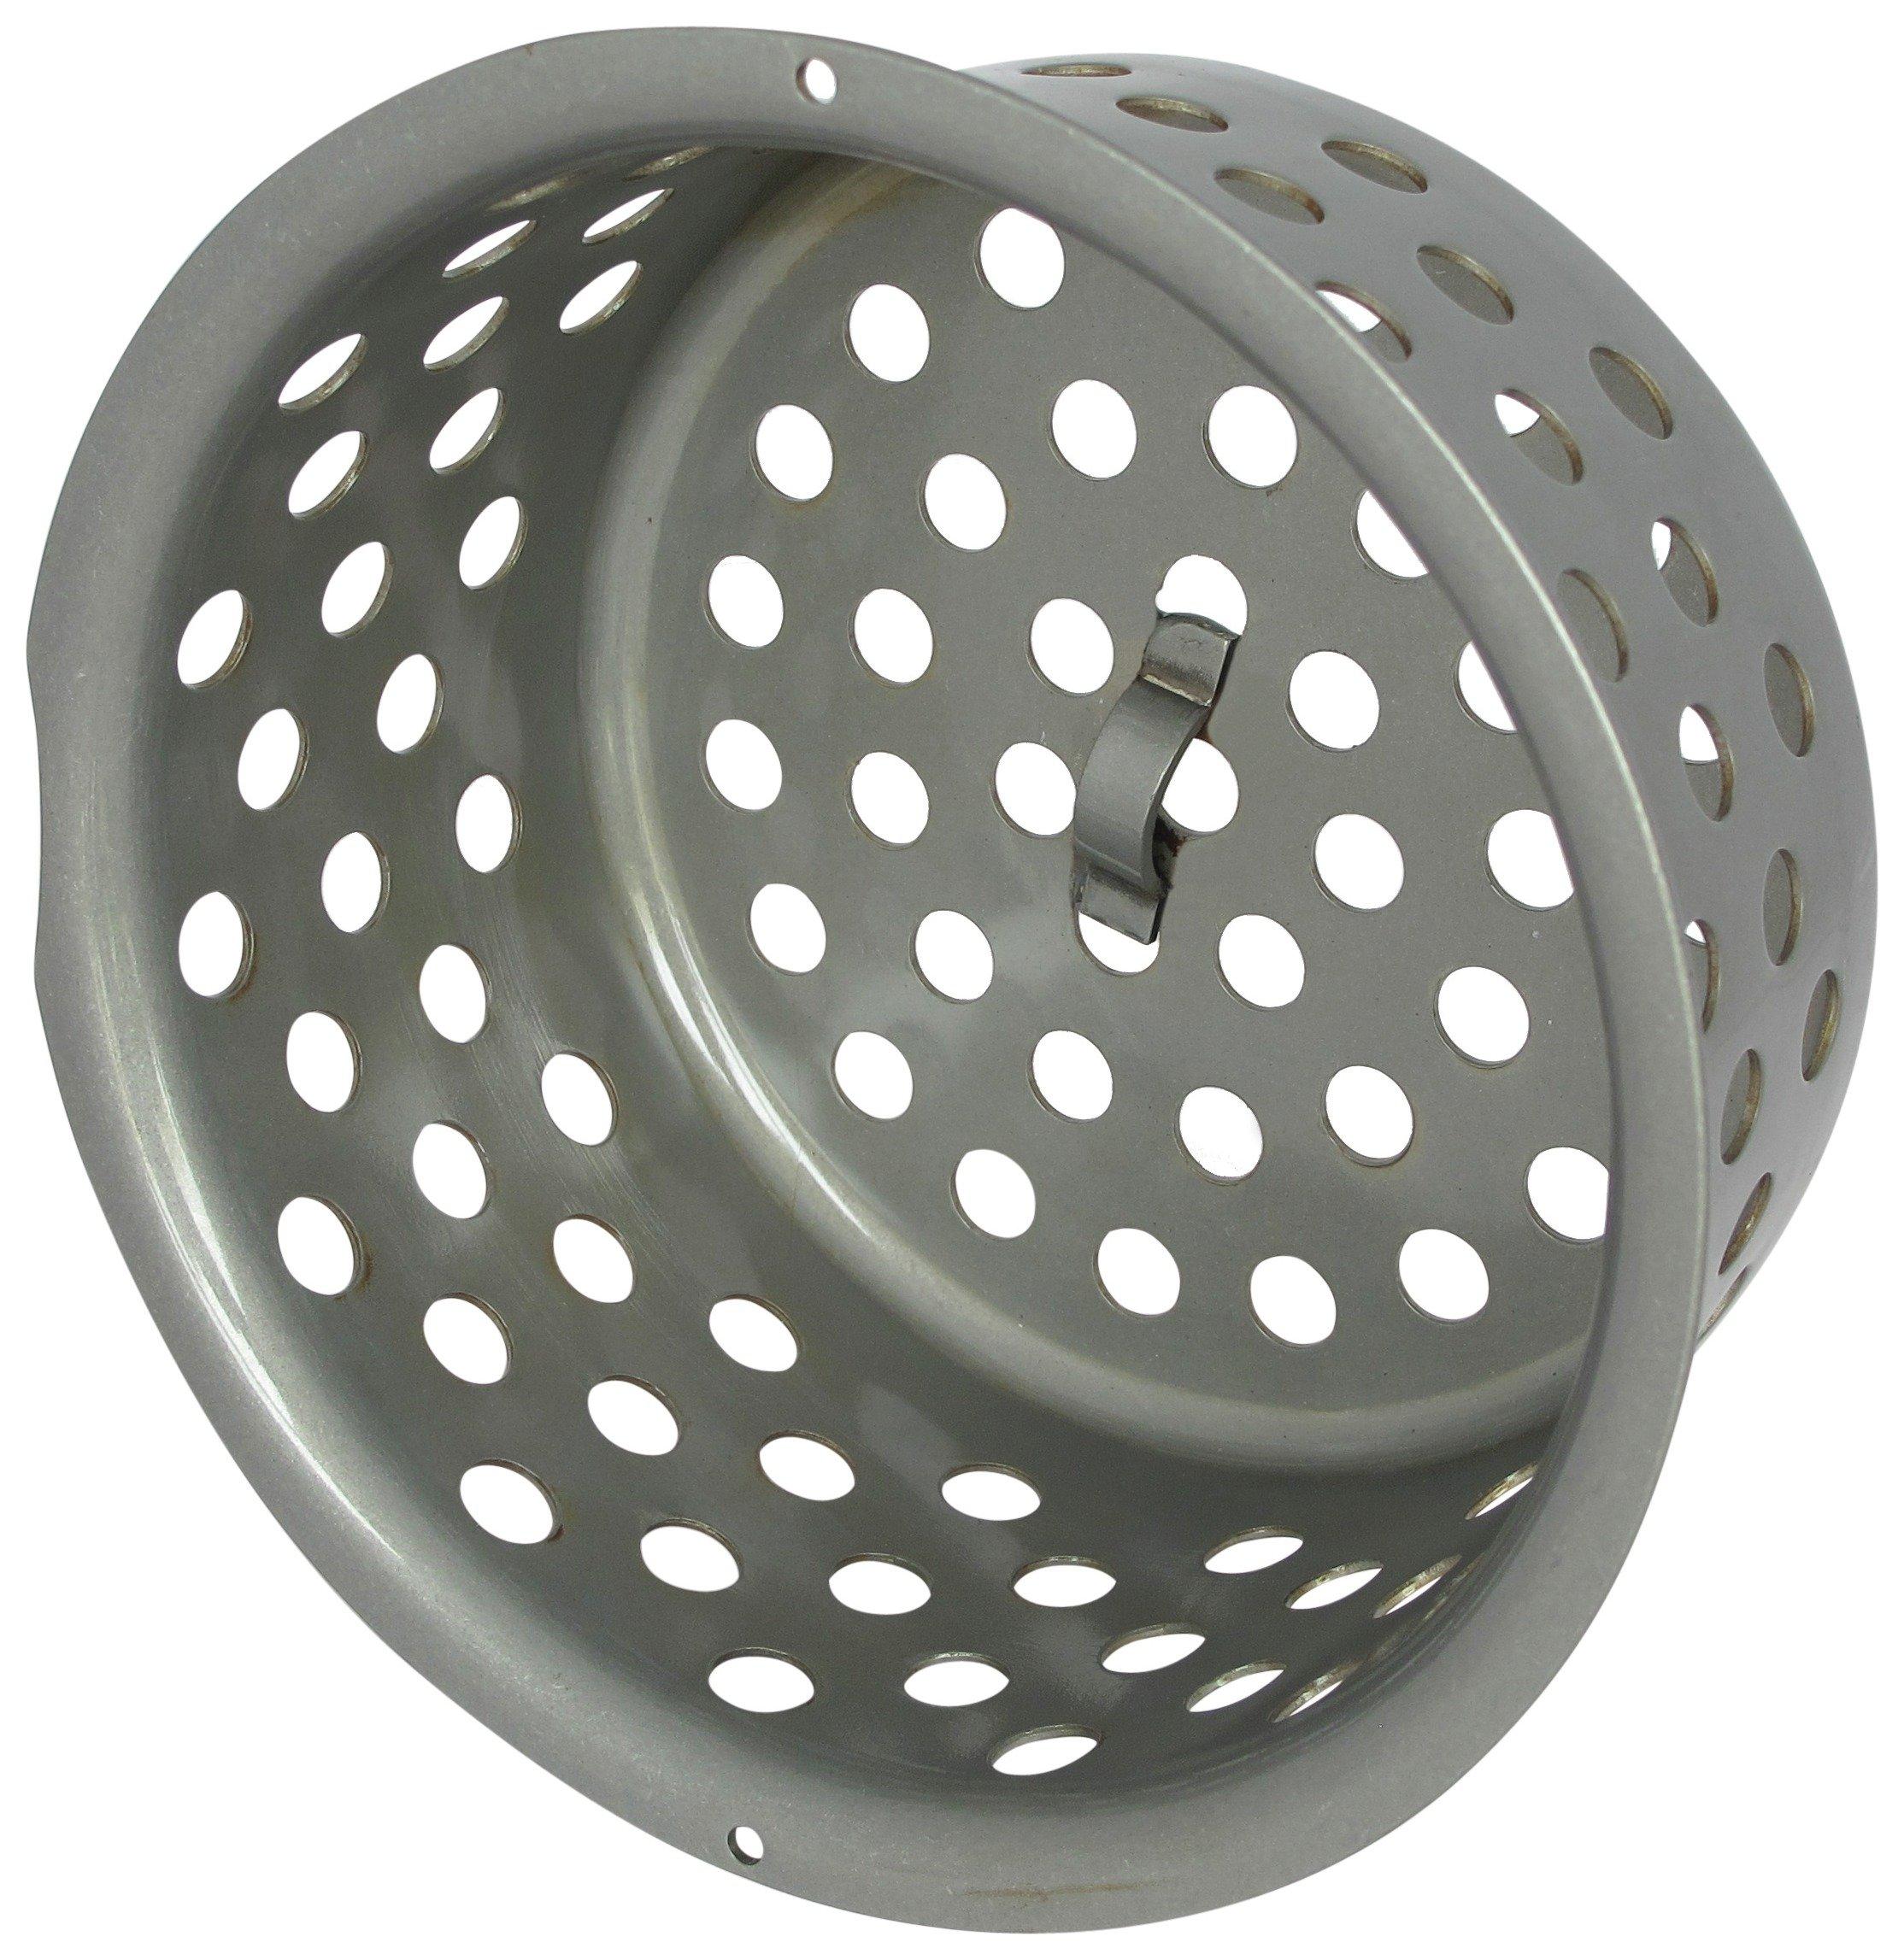 Image of Ozpig - Heat Basket